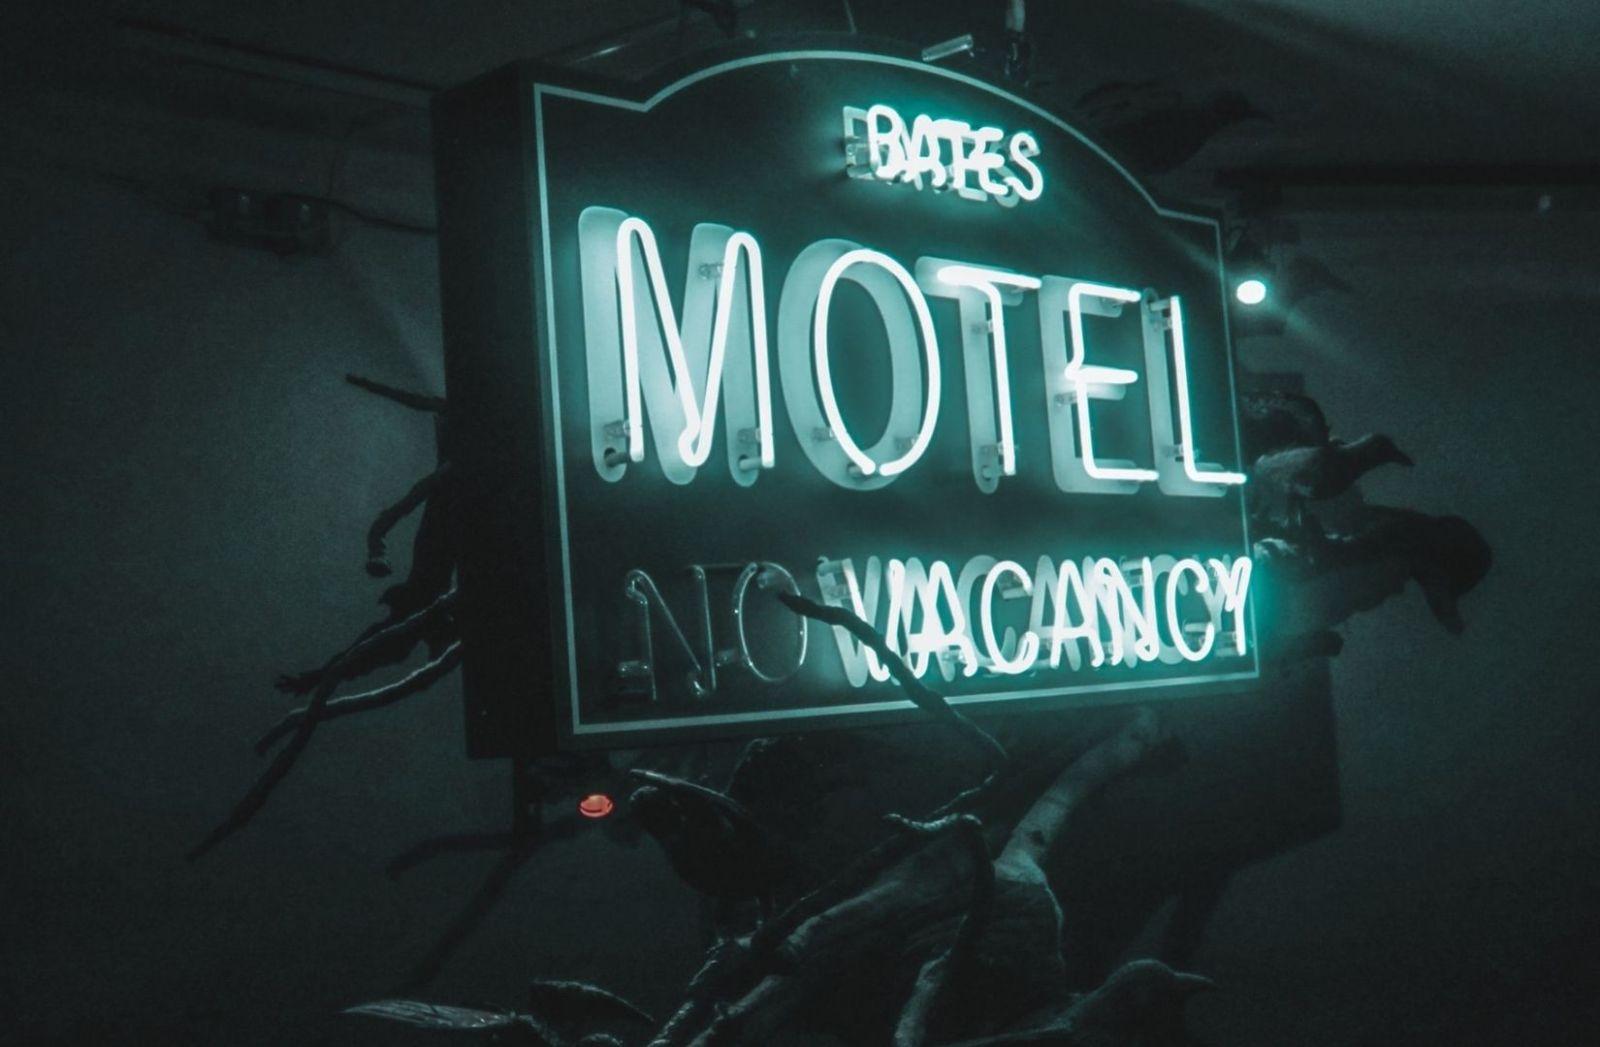 Bates Motel als Beispiel für Psychologie. (Foto: Maxime Roedel, Unsplash.com)